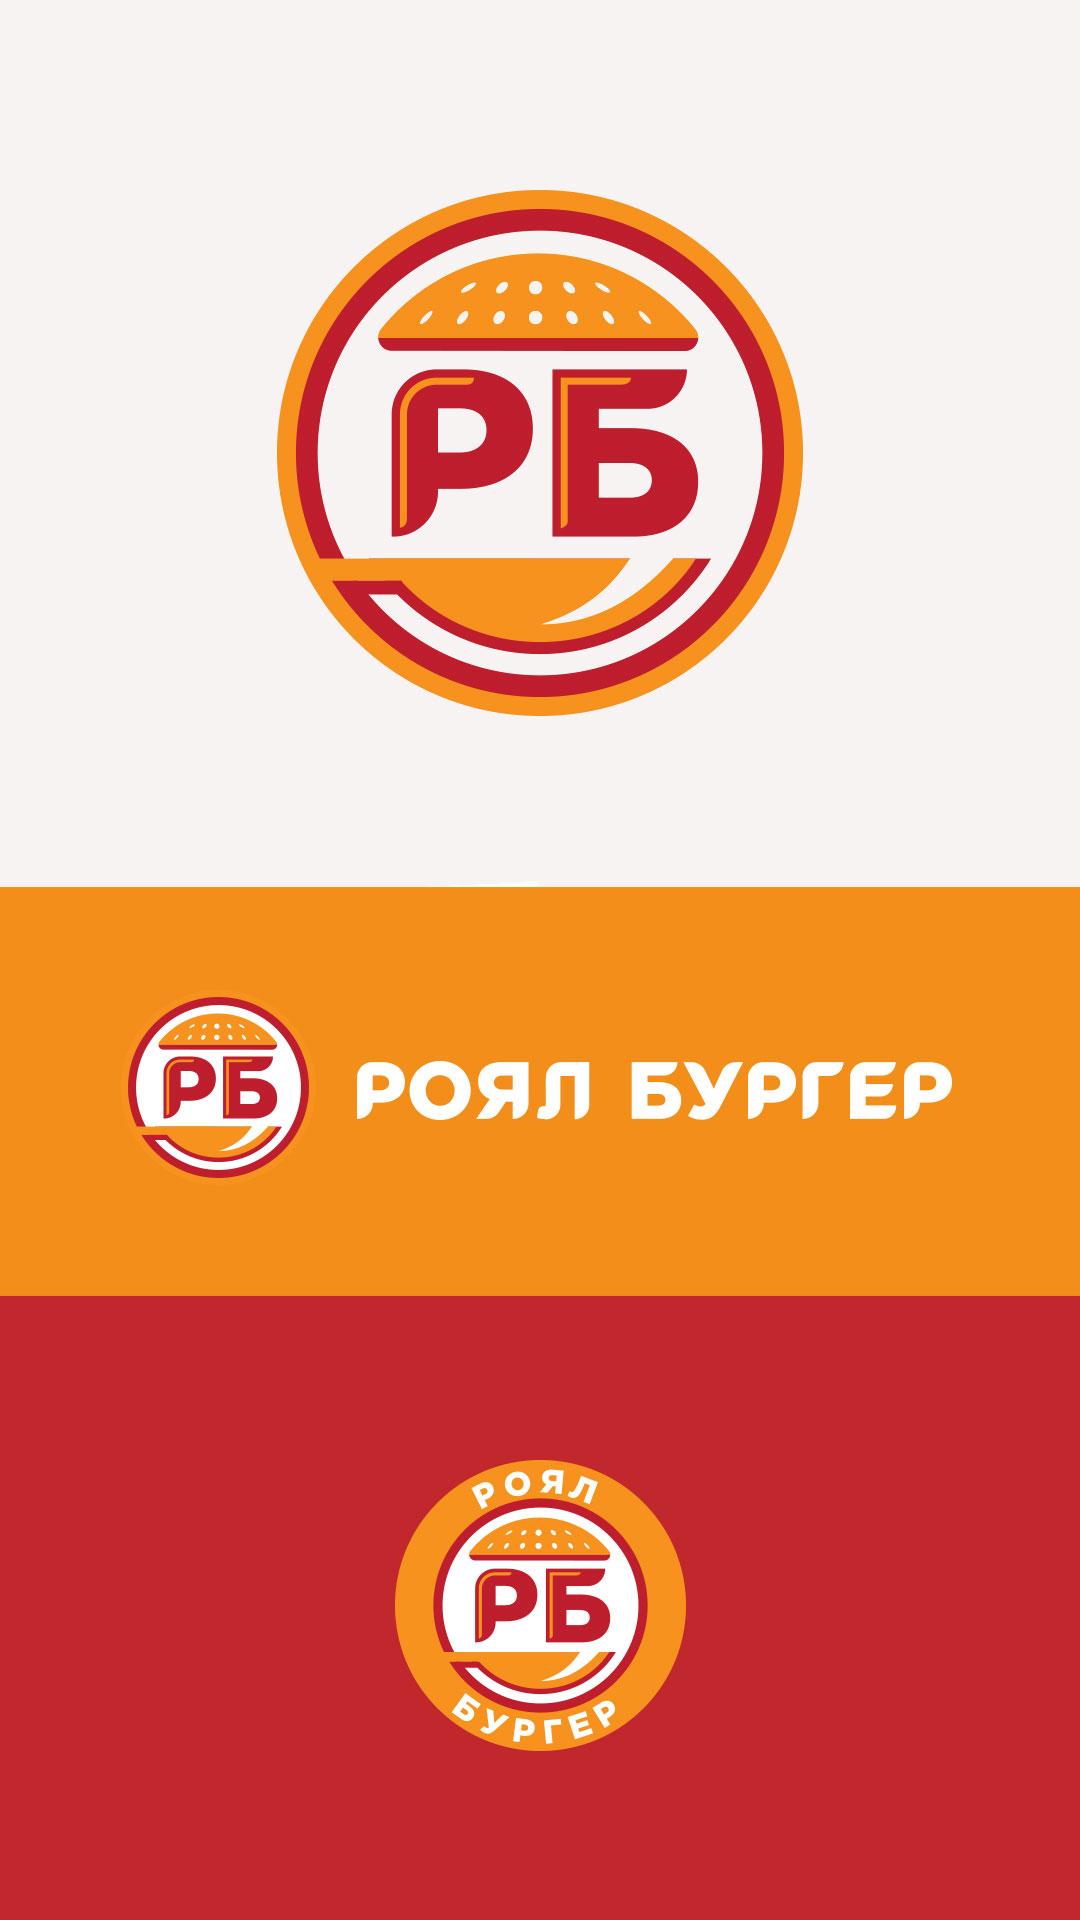 Обновление логотипа фото f_66559b5661c0a910.jpg